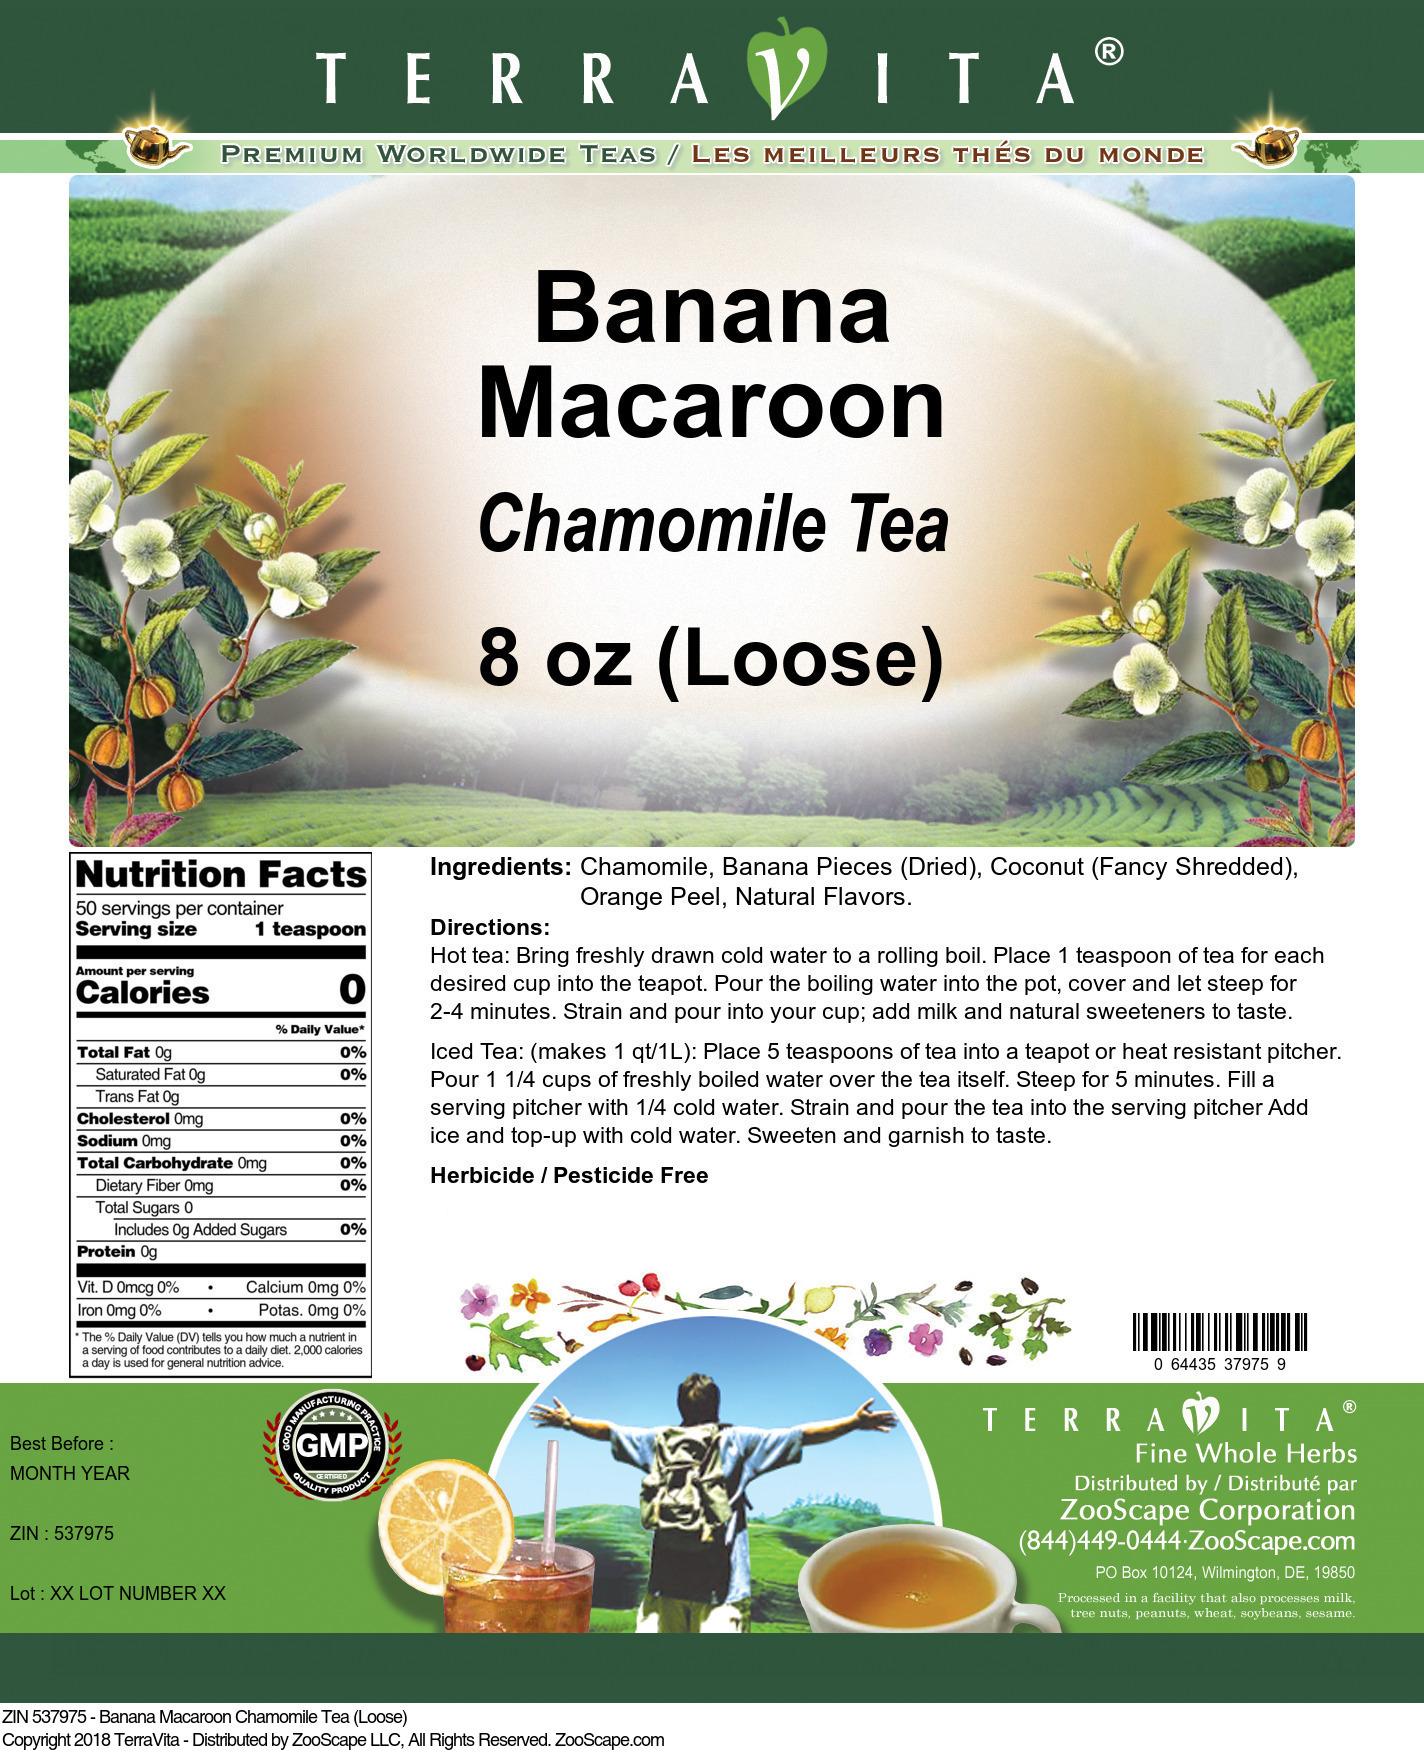 Banana Macaroon Chamomile Tea